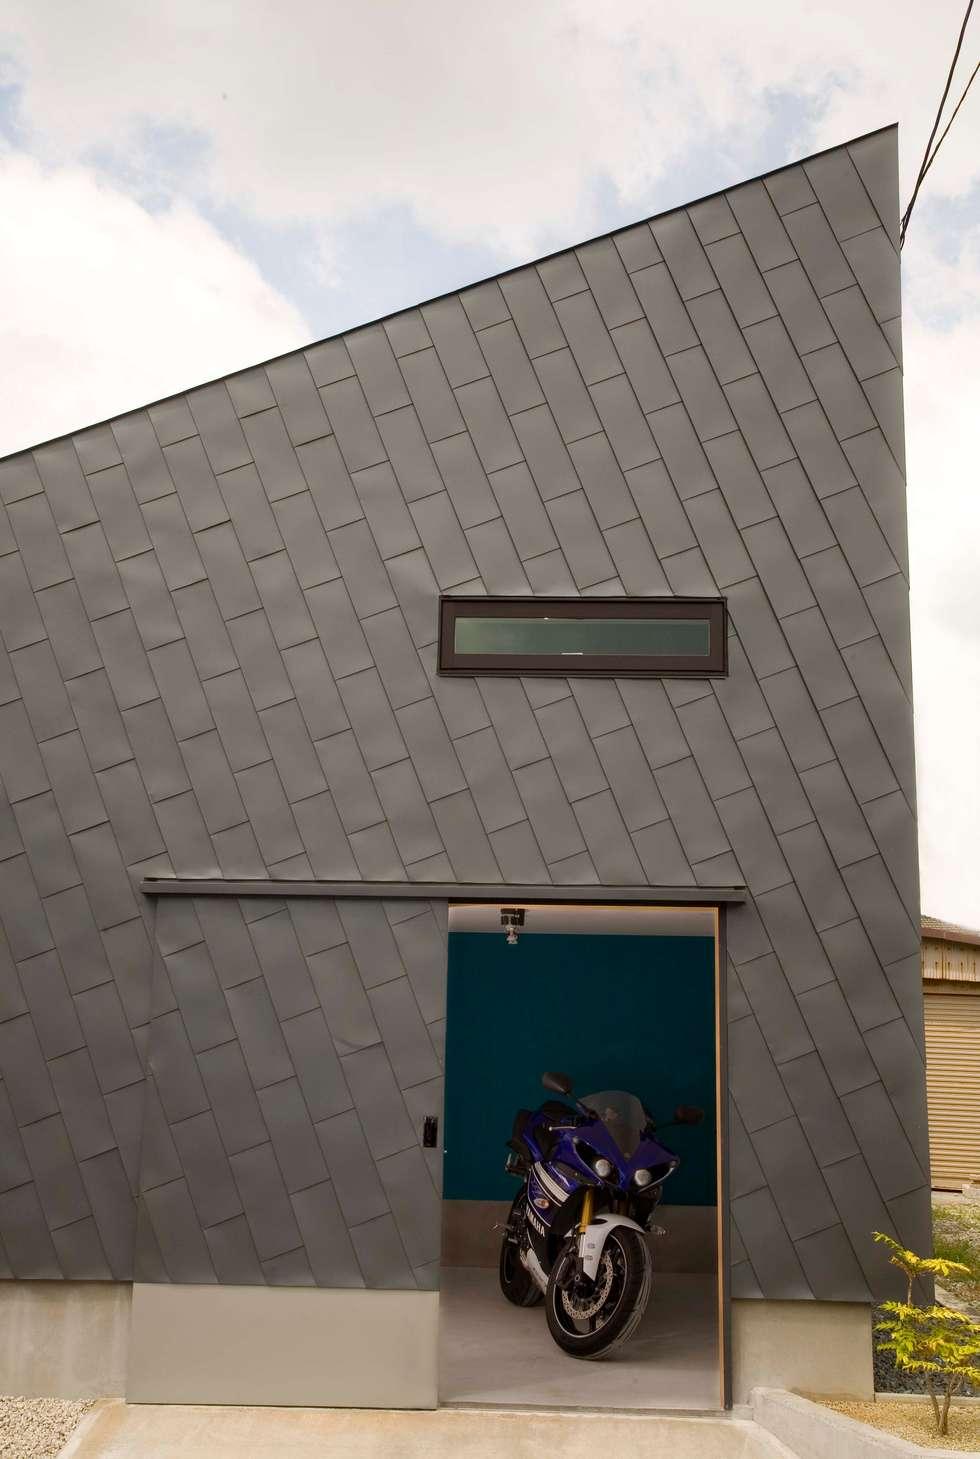 袋井の家 バイク用ガレージ: 木名瀬佳世建築研究室が手掛けたガレージです。